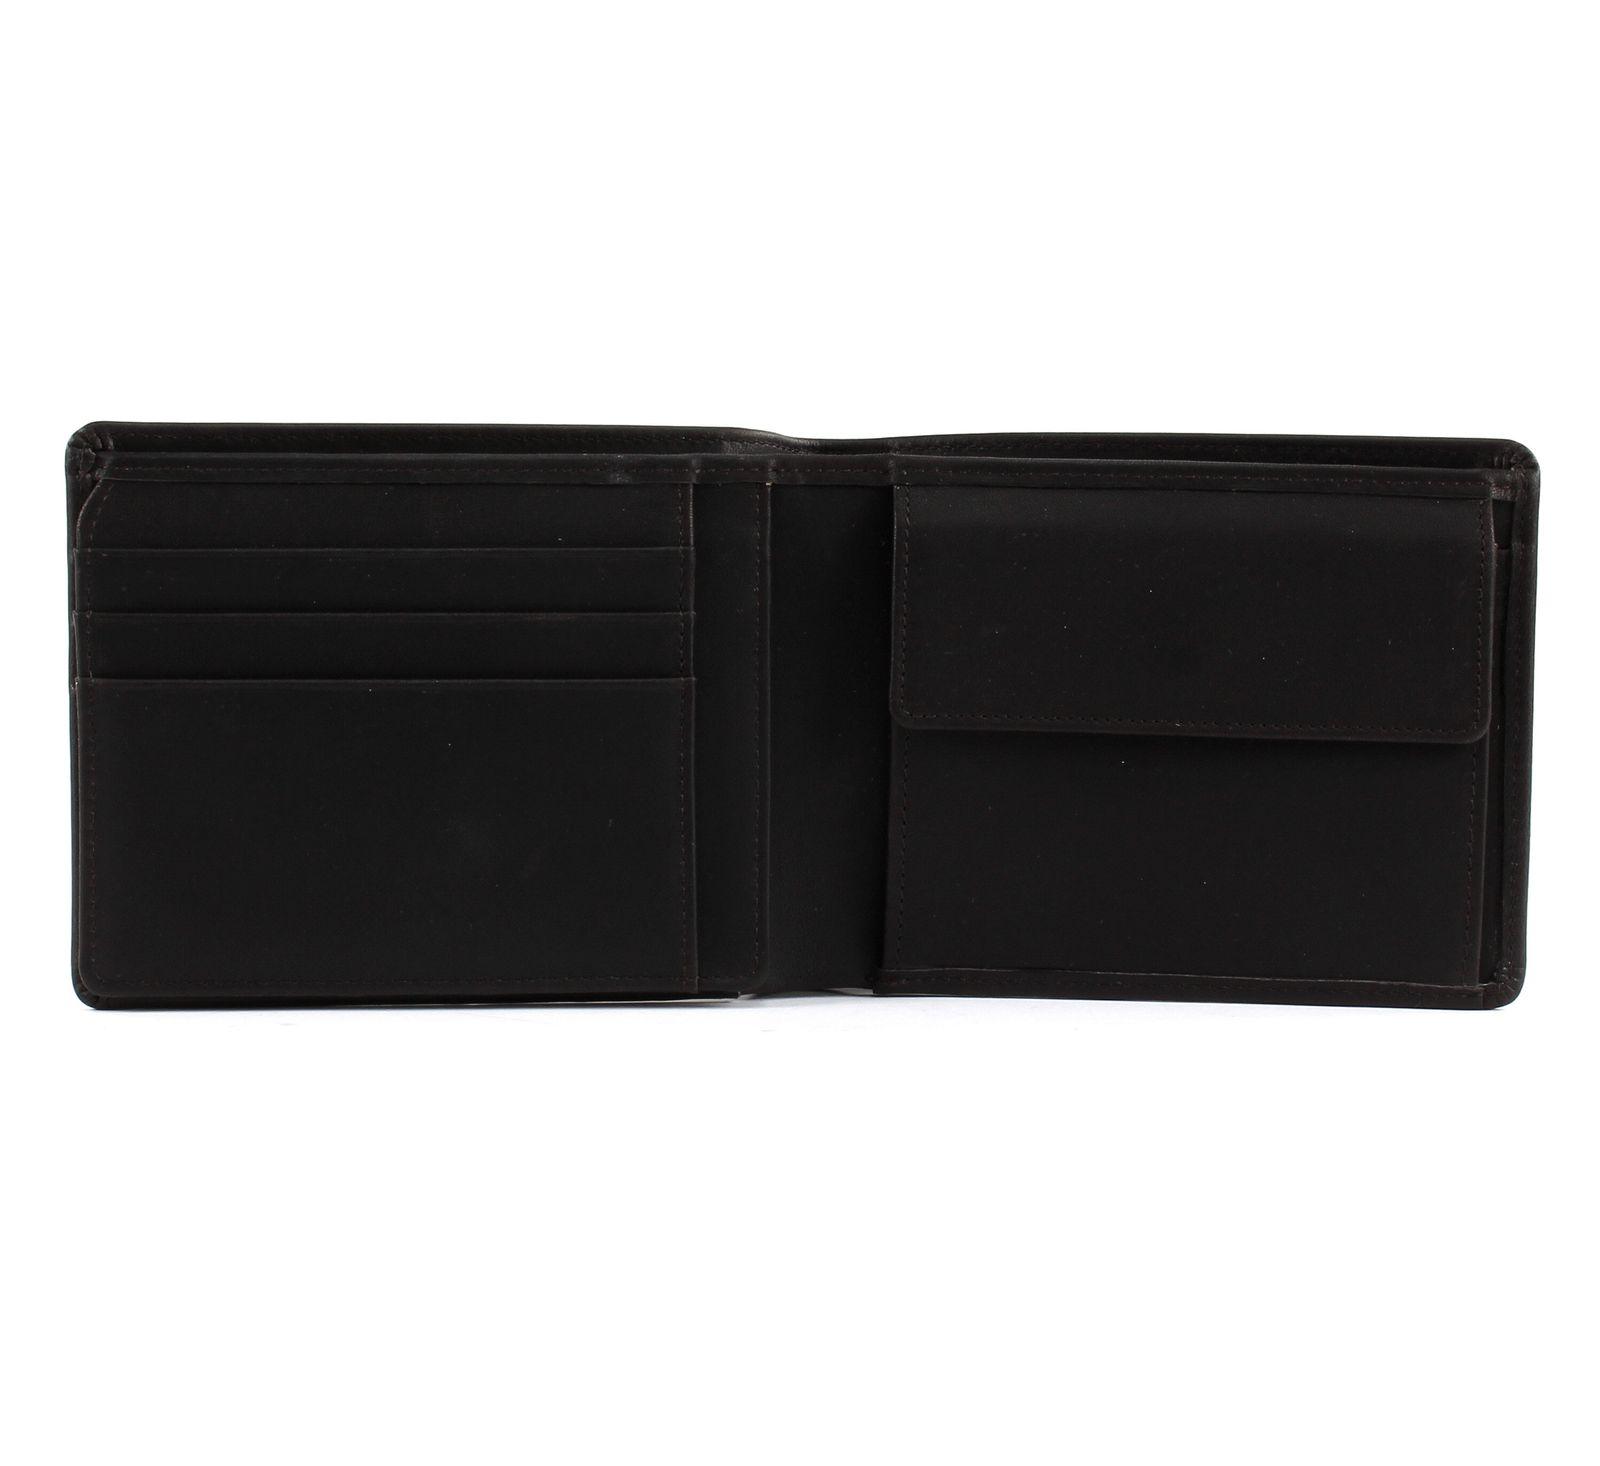 Details zu BREE Oxford SLG 114 Wallet Geldbörse Dark Brown Braun Neu